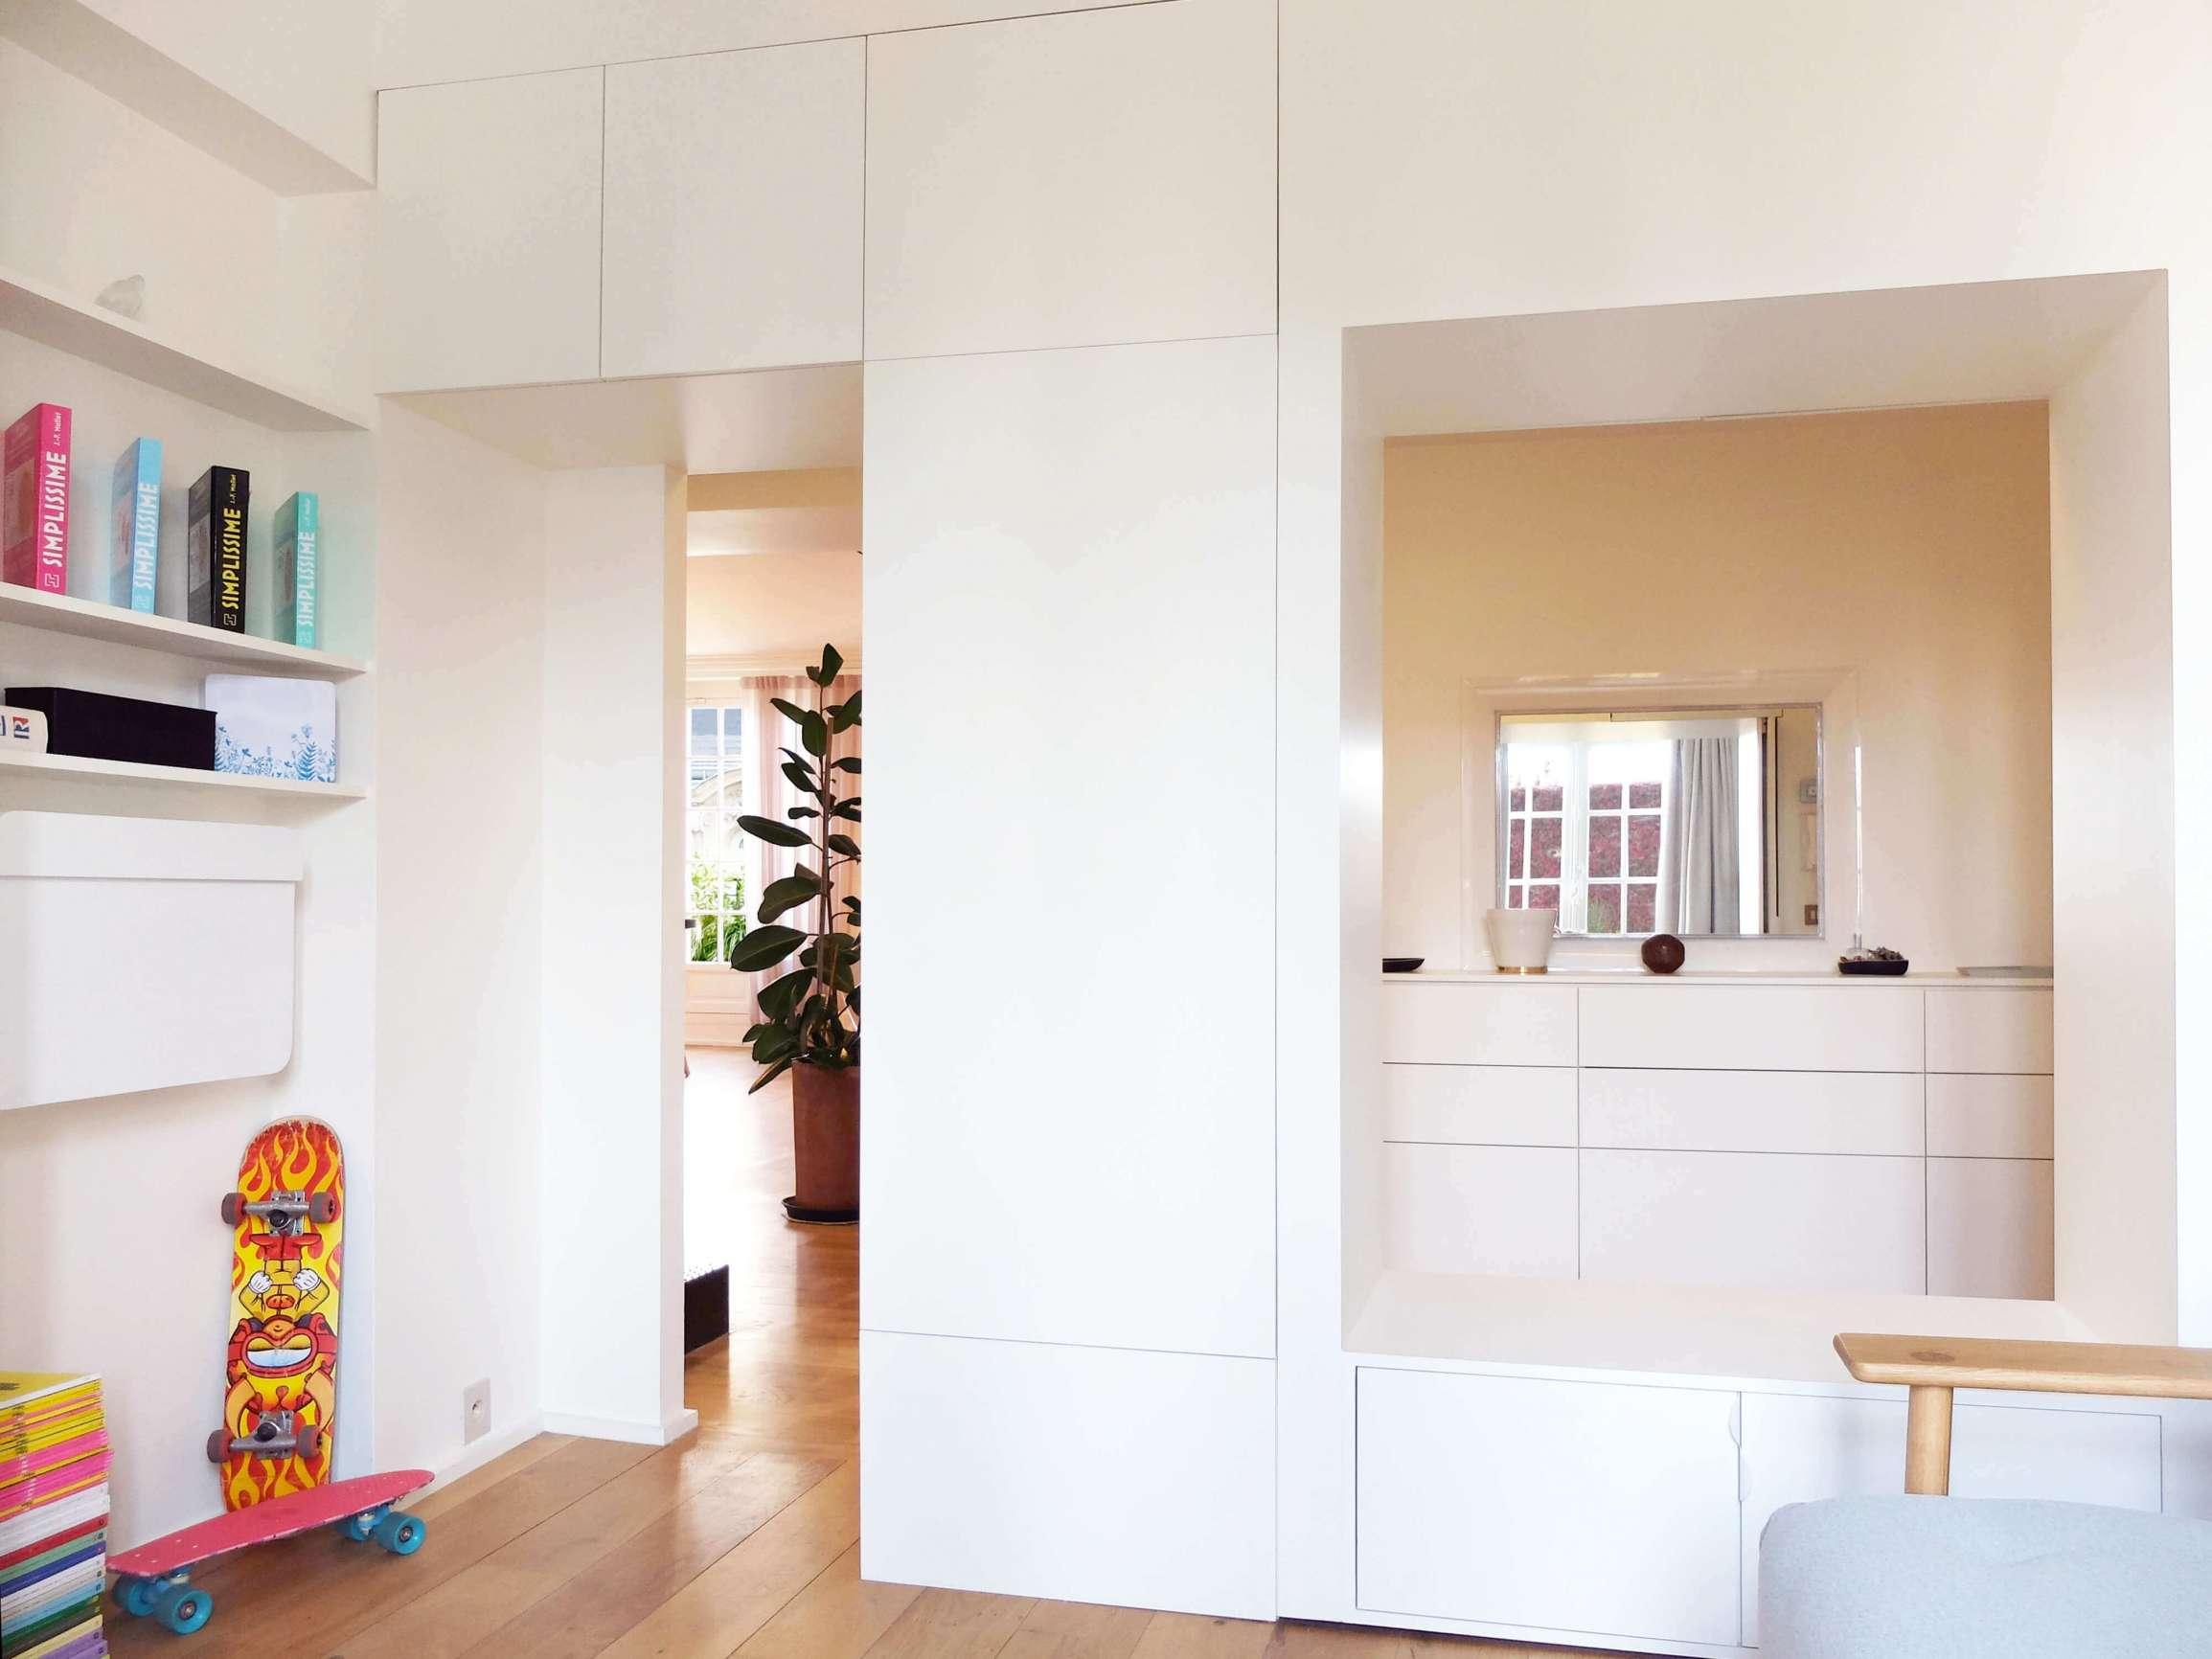 Chambre d'enfant avec mur modulable